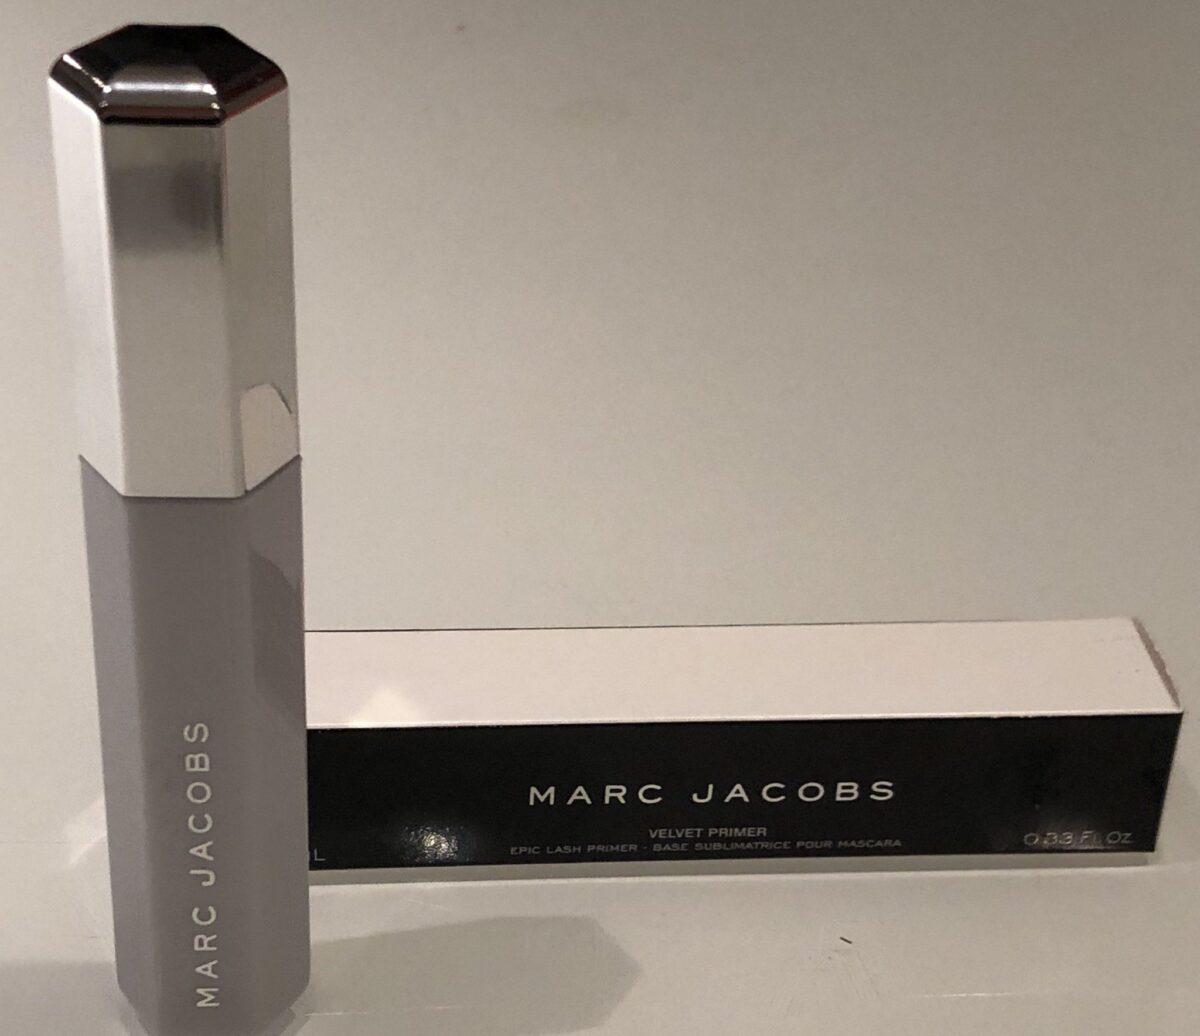 NEW MARKC JACOBS VELVET LASH PRIMER